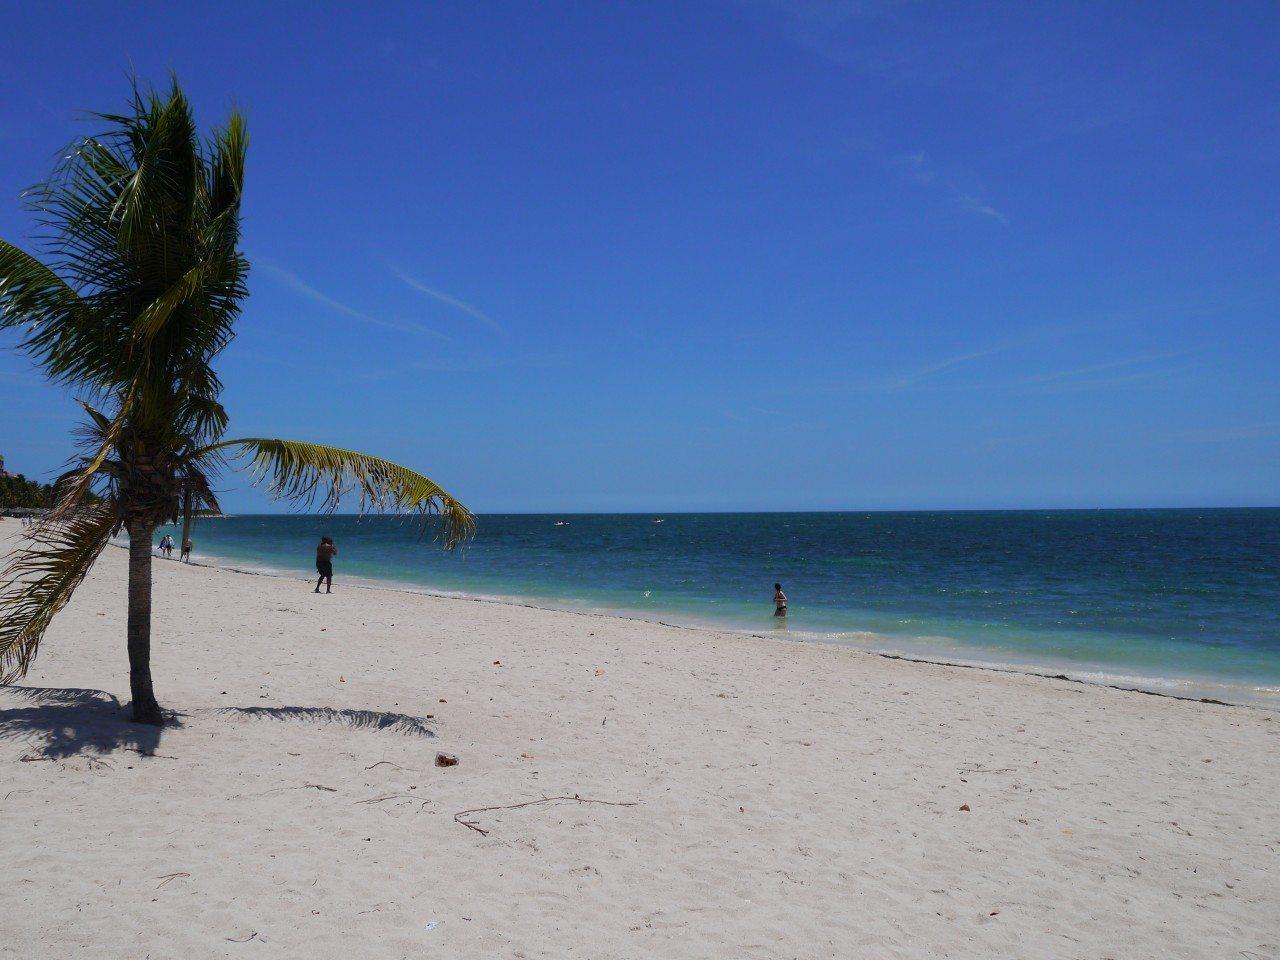 trinidad playa ancon